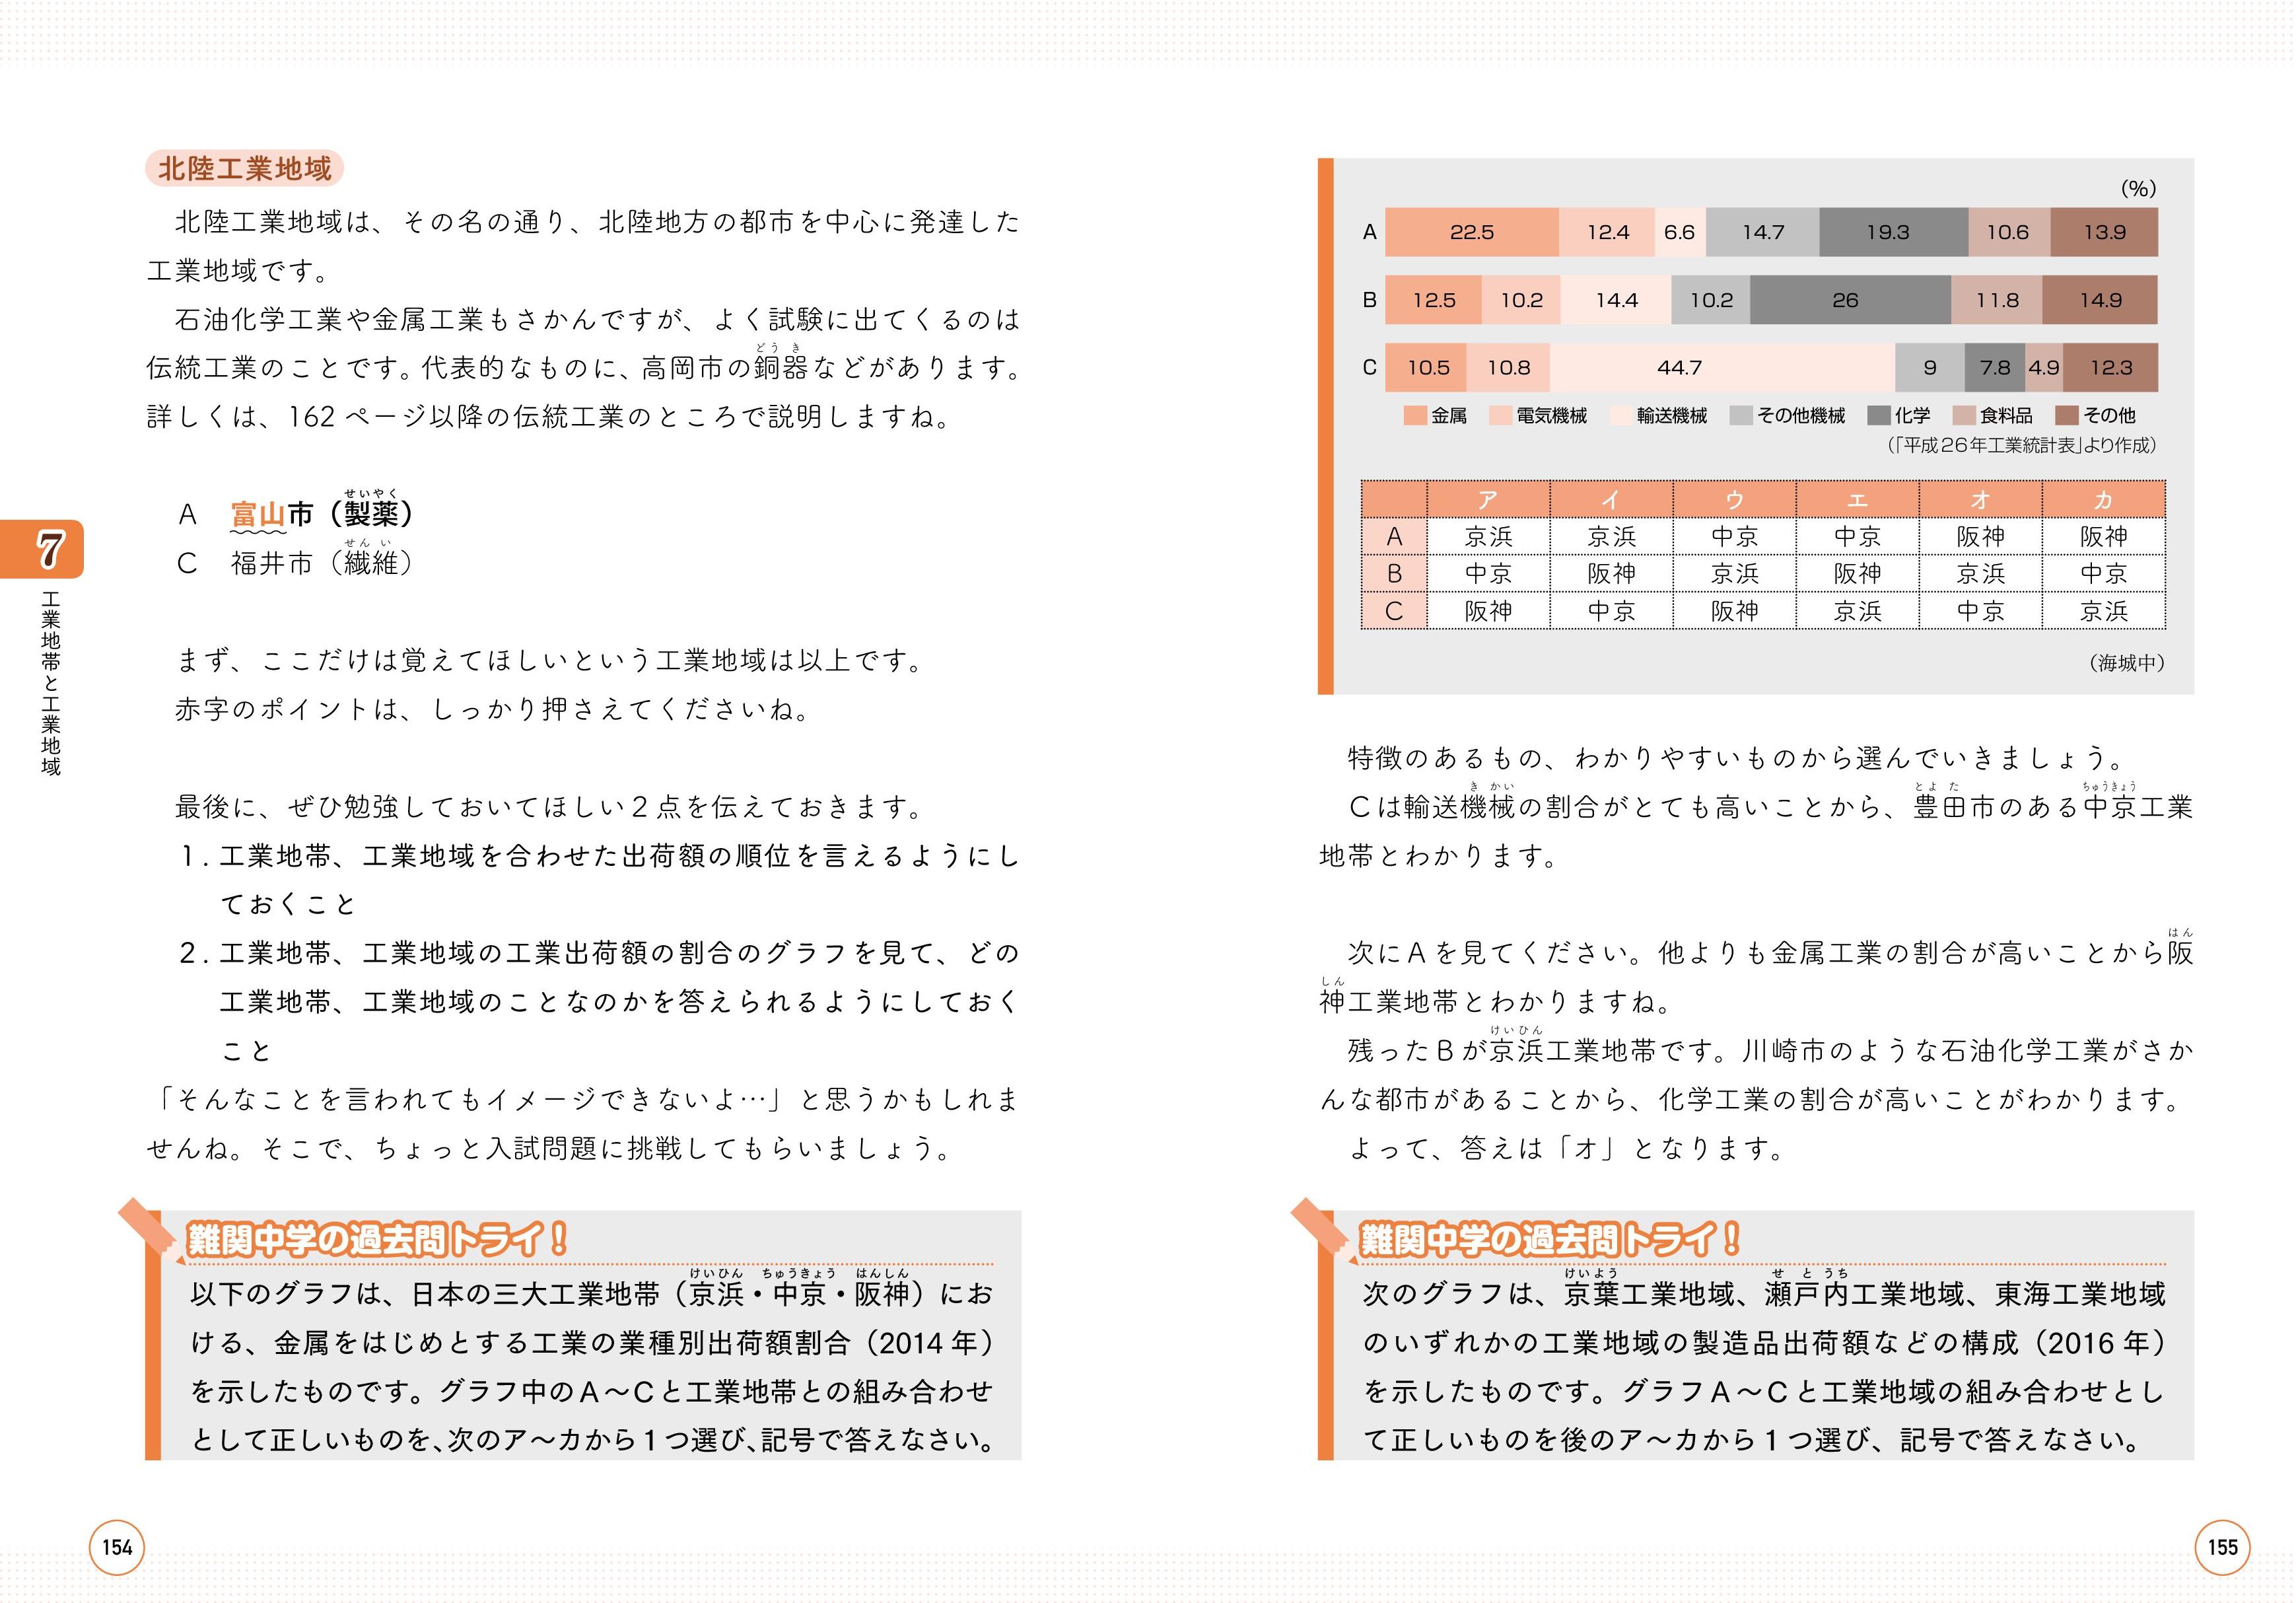 『合格する地理の授業 日本の産業編』